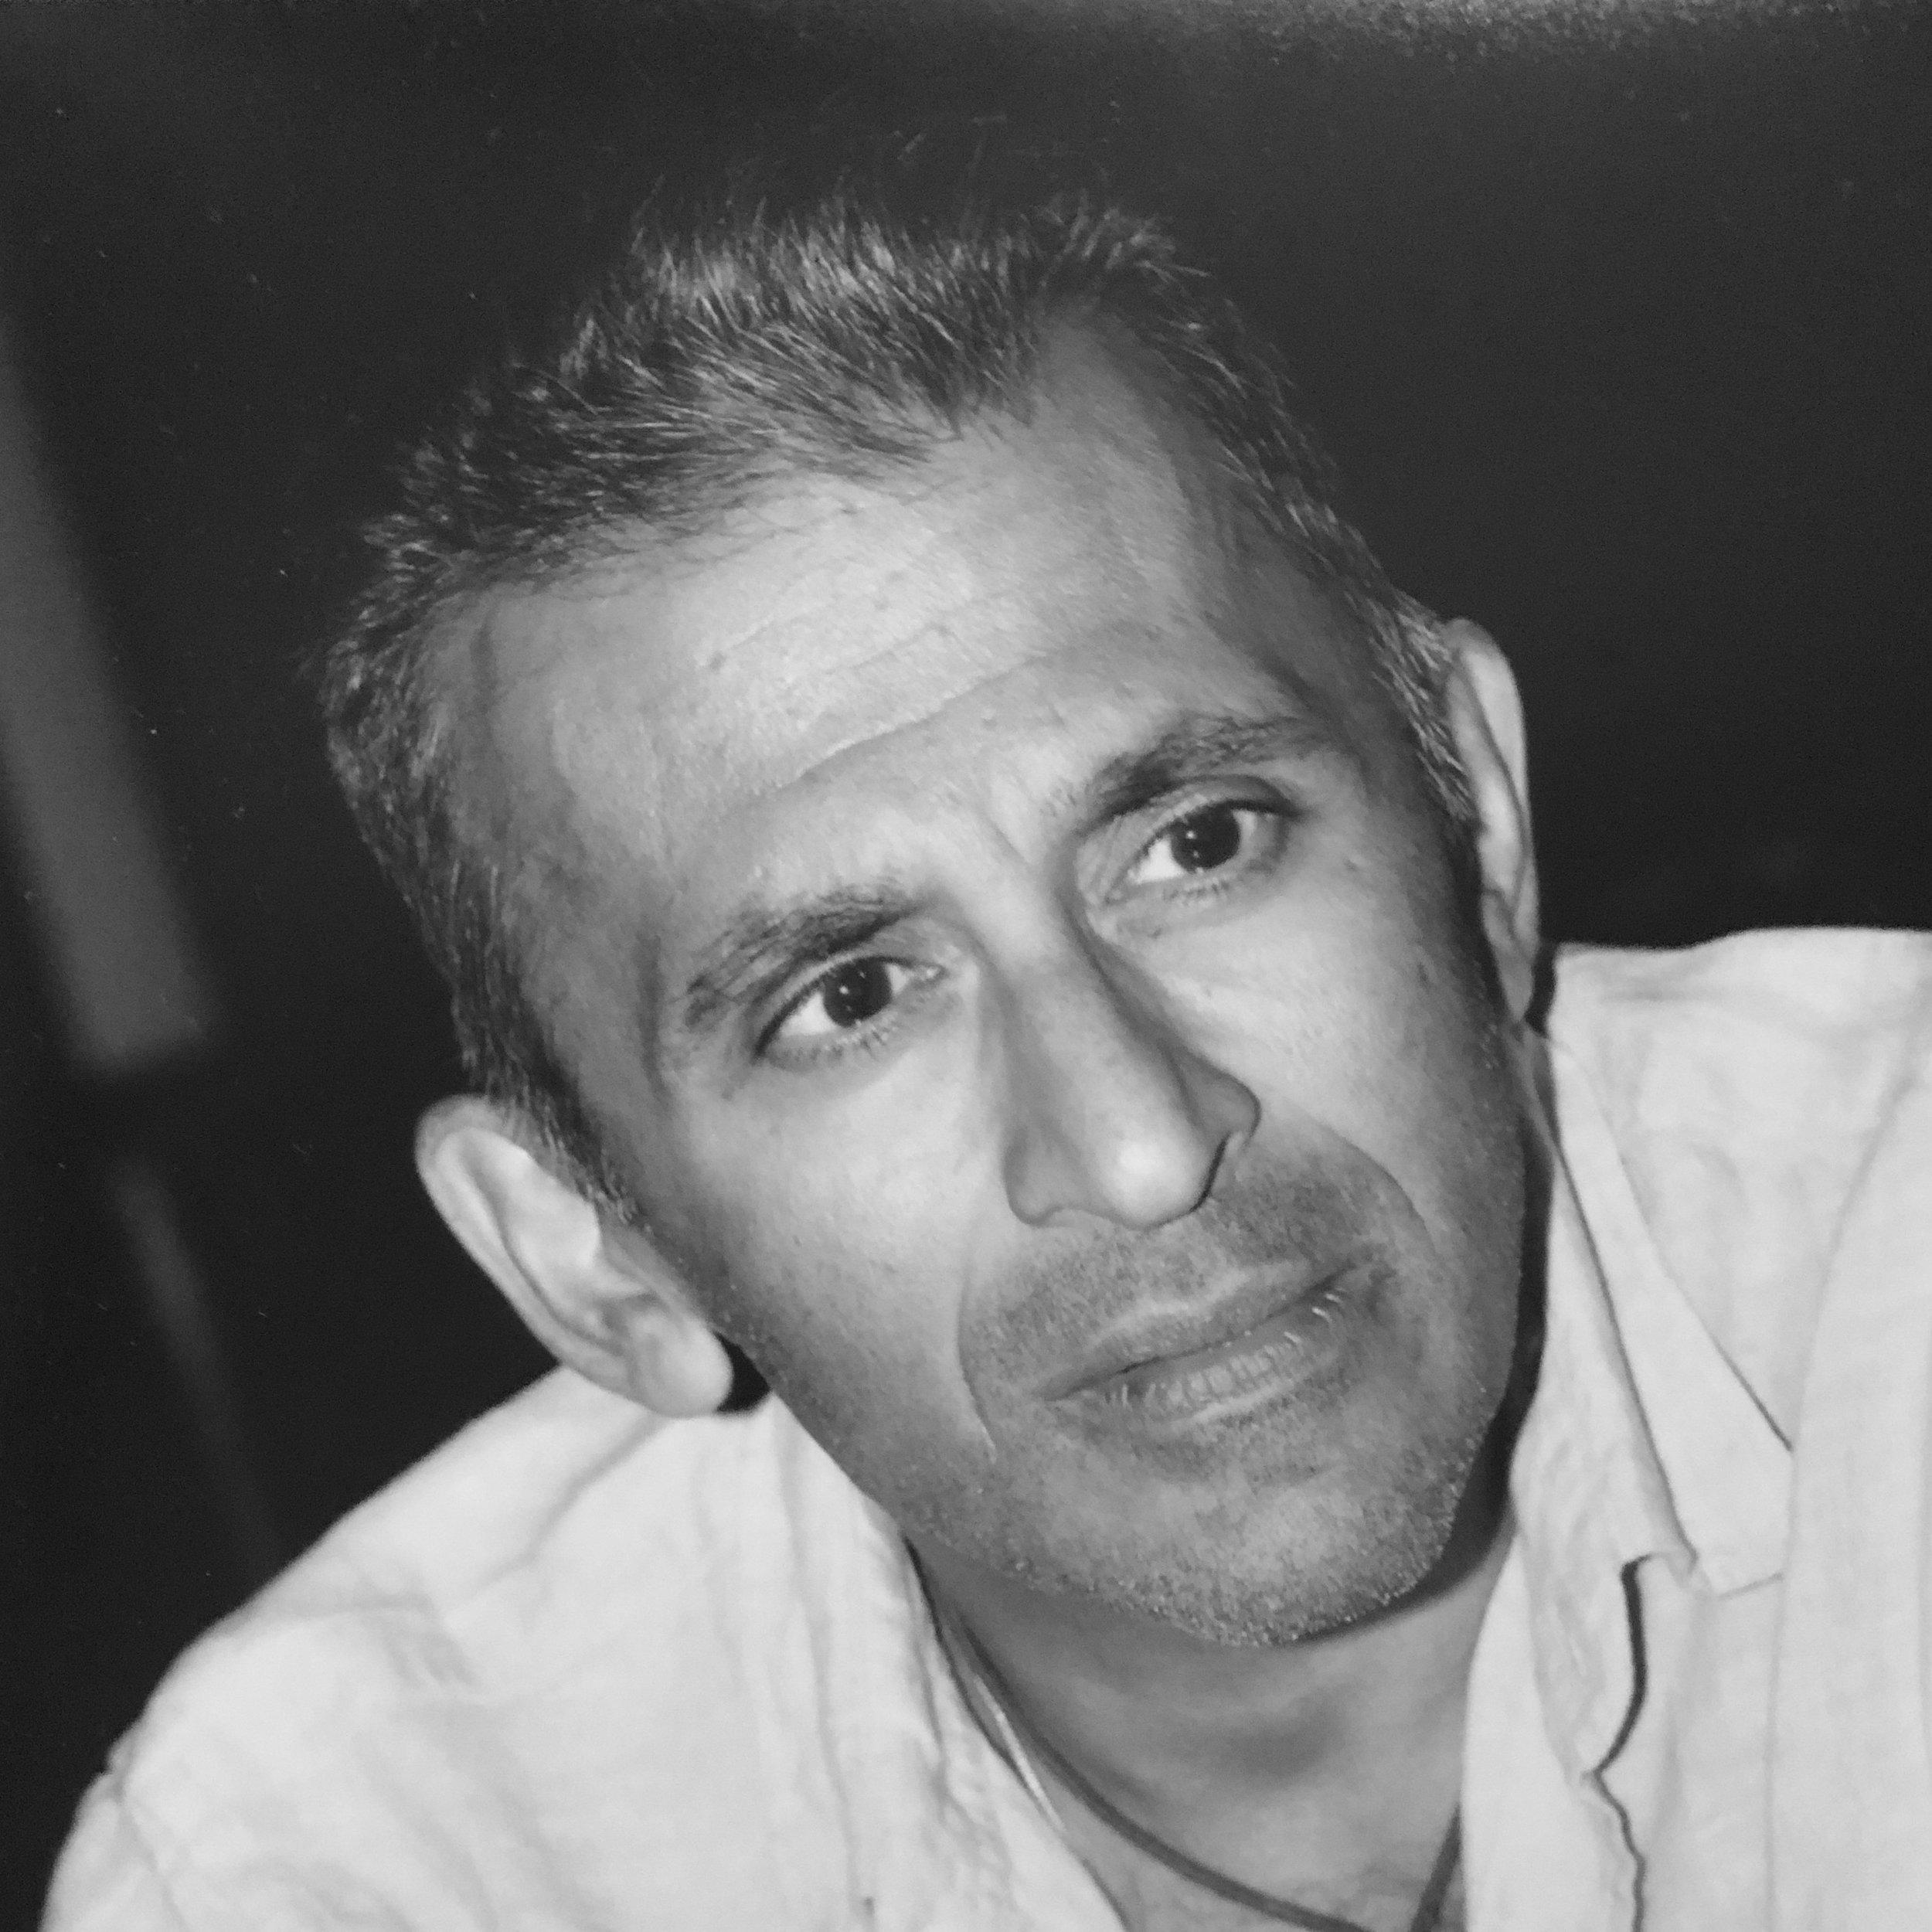 Rajesh Varma